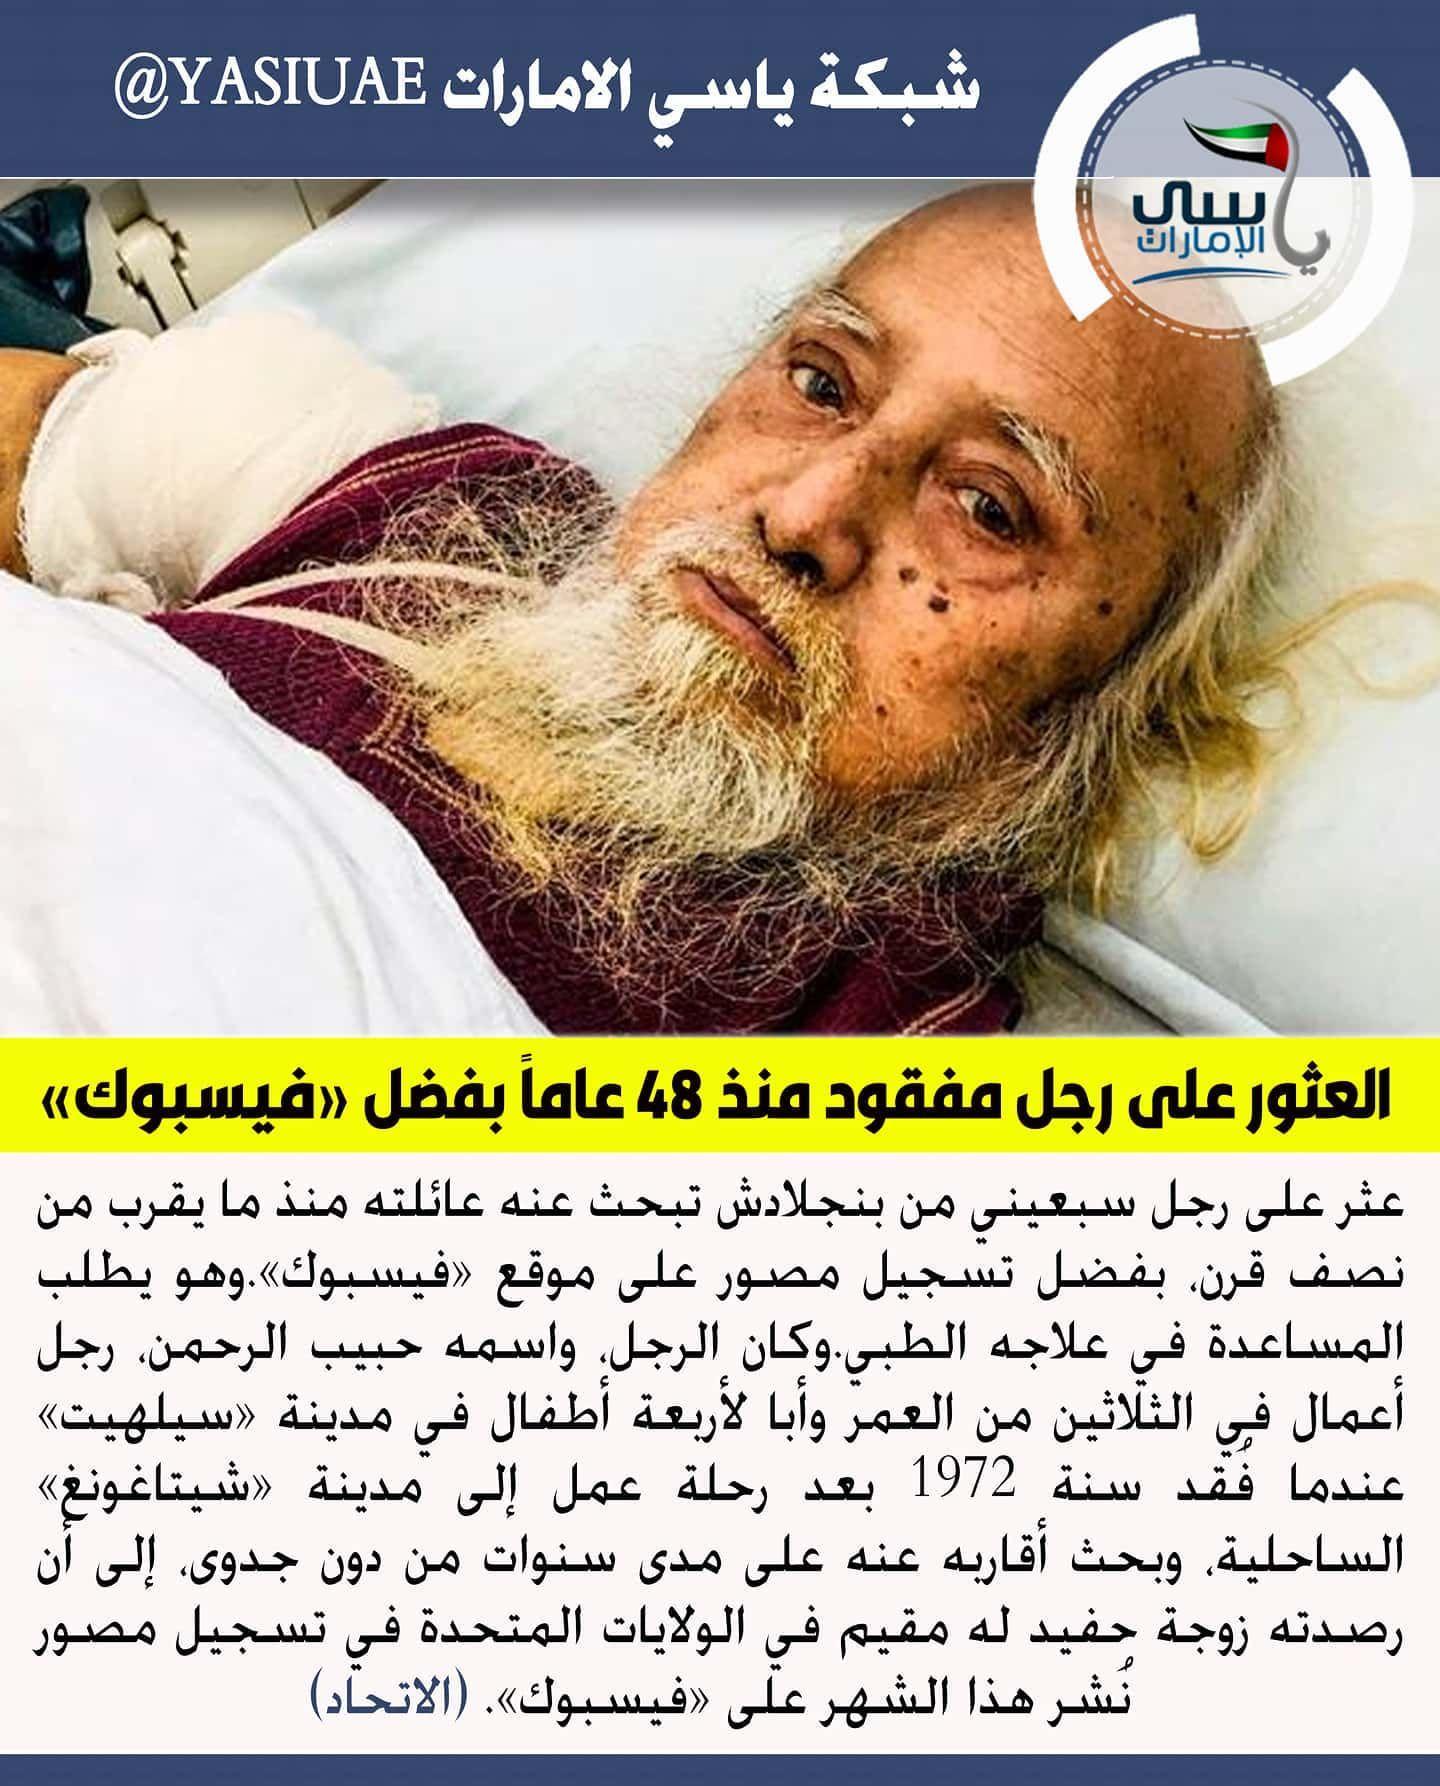 العثور على رجل مفقود منذ 48 عاما بفضل فيسبوك وقال كفاية حسين وهو أحد أحفاد حبيب الرحمن الثلاثة عشر مقيم في سيلهيت لقد أخطرتنا بالأمر وهرعنا إلى المستشفى